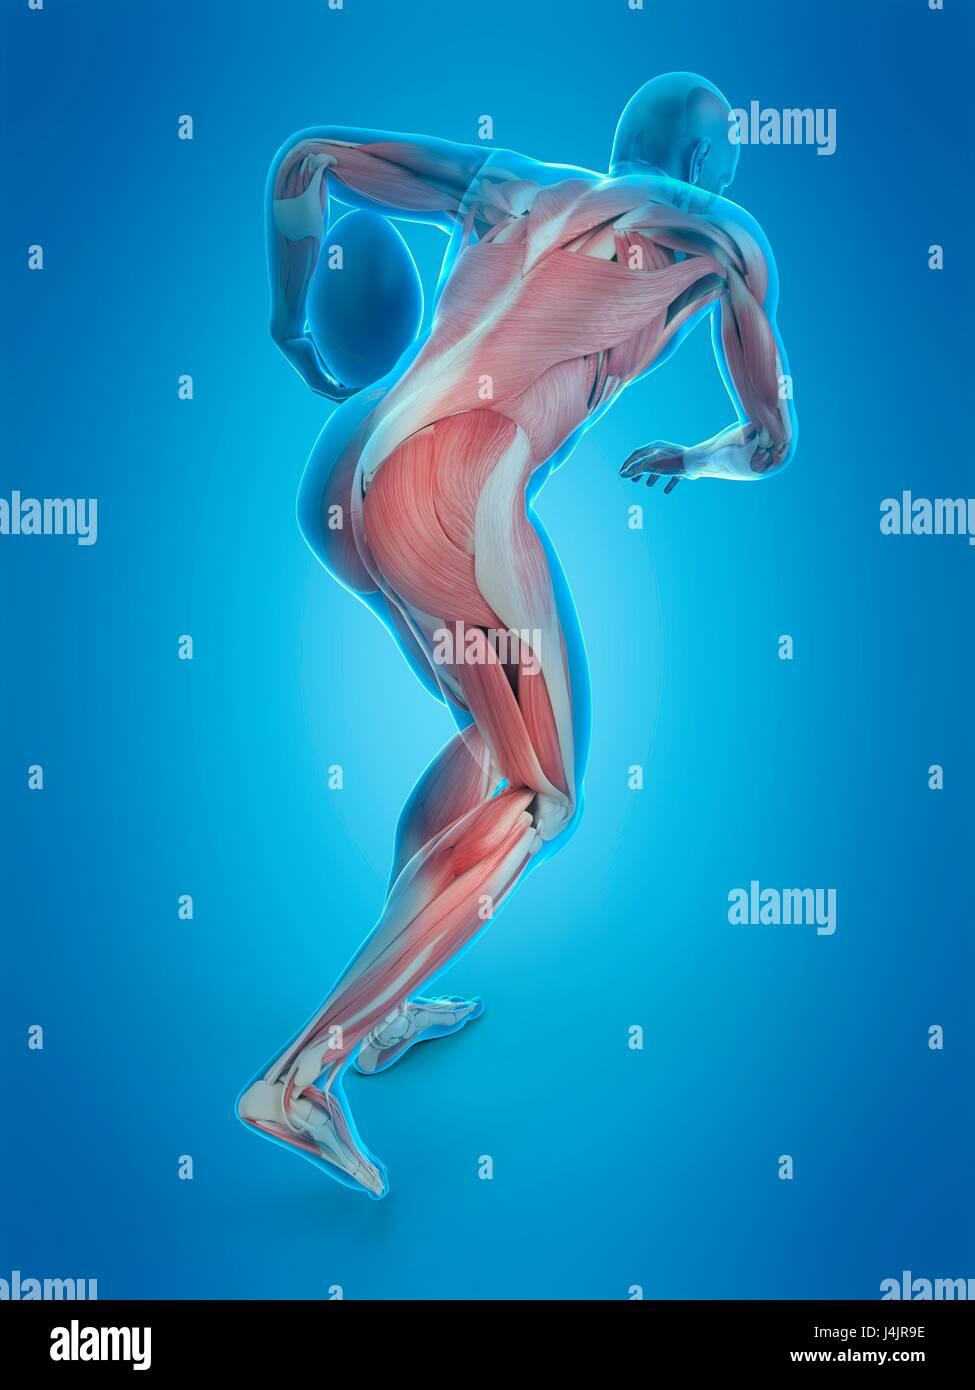 Estructura muscular de jugador de rugby, ilustración. Imagen De Stock